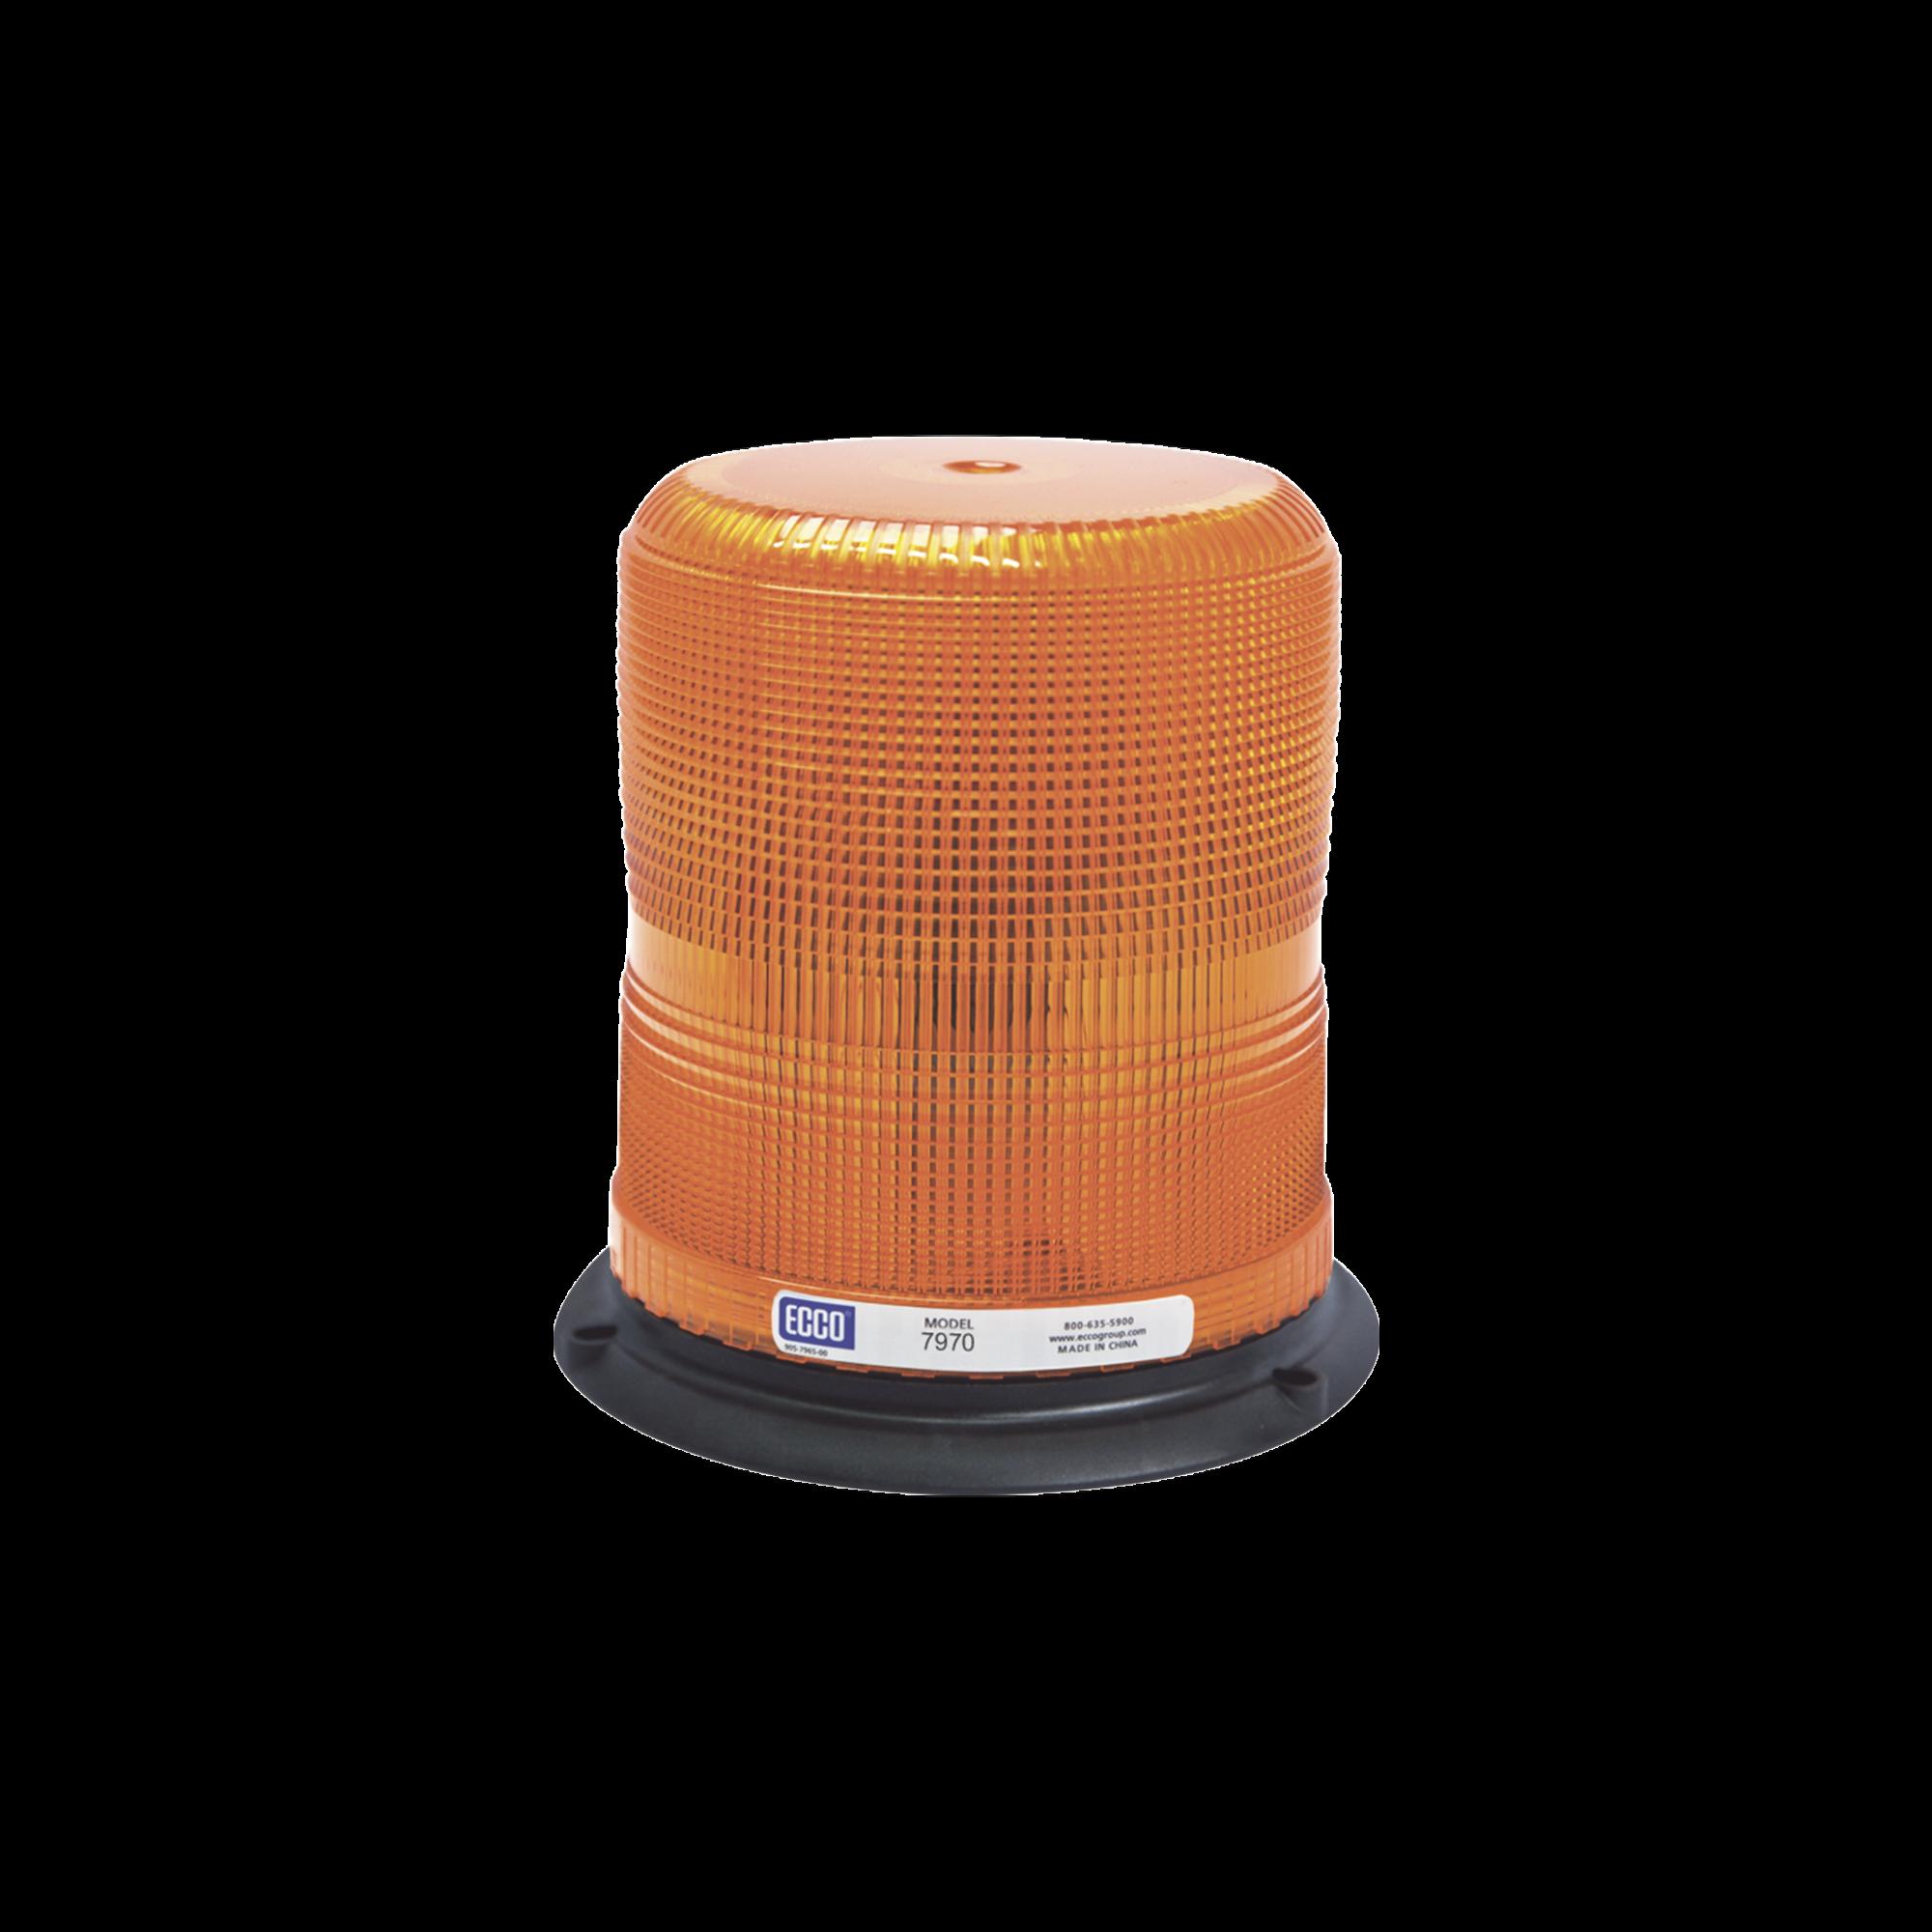 Balizas LED Pulse? II,  X7970A en color ámbar